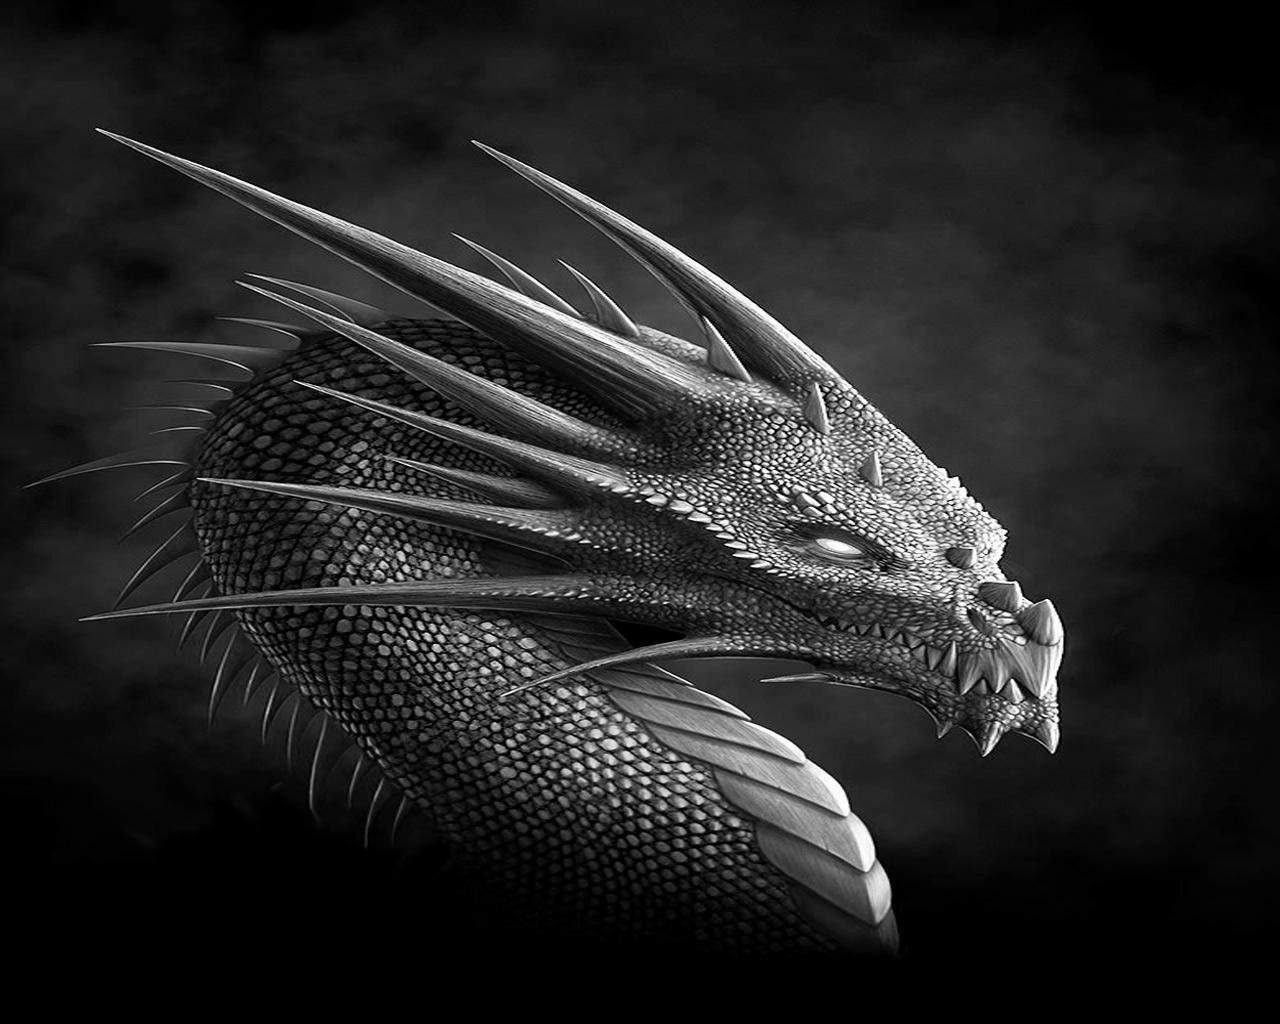 серый дракон, фото, скачать обои для рабочего стола